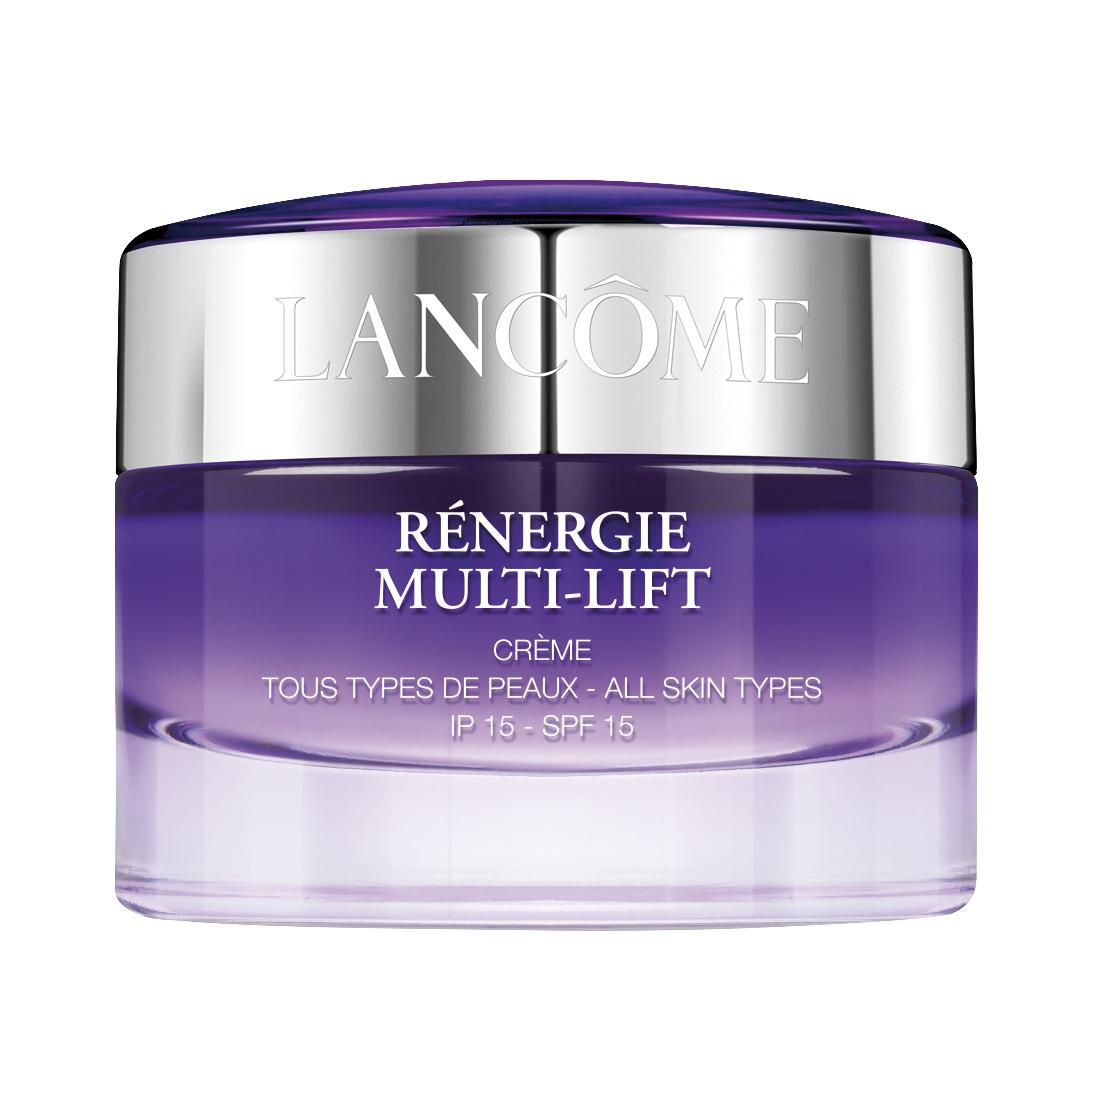 Lancôme - Rénergie Multi-Lift Crème - 50 ml